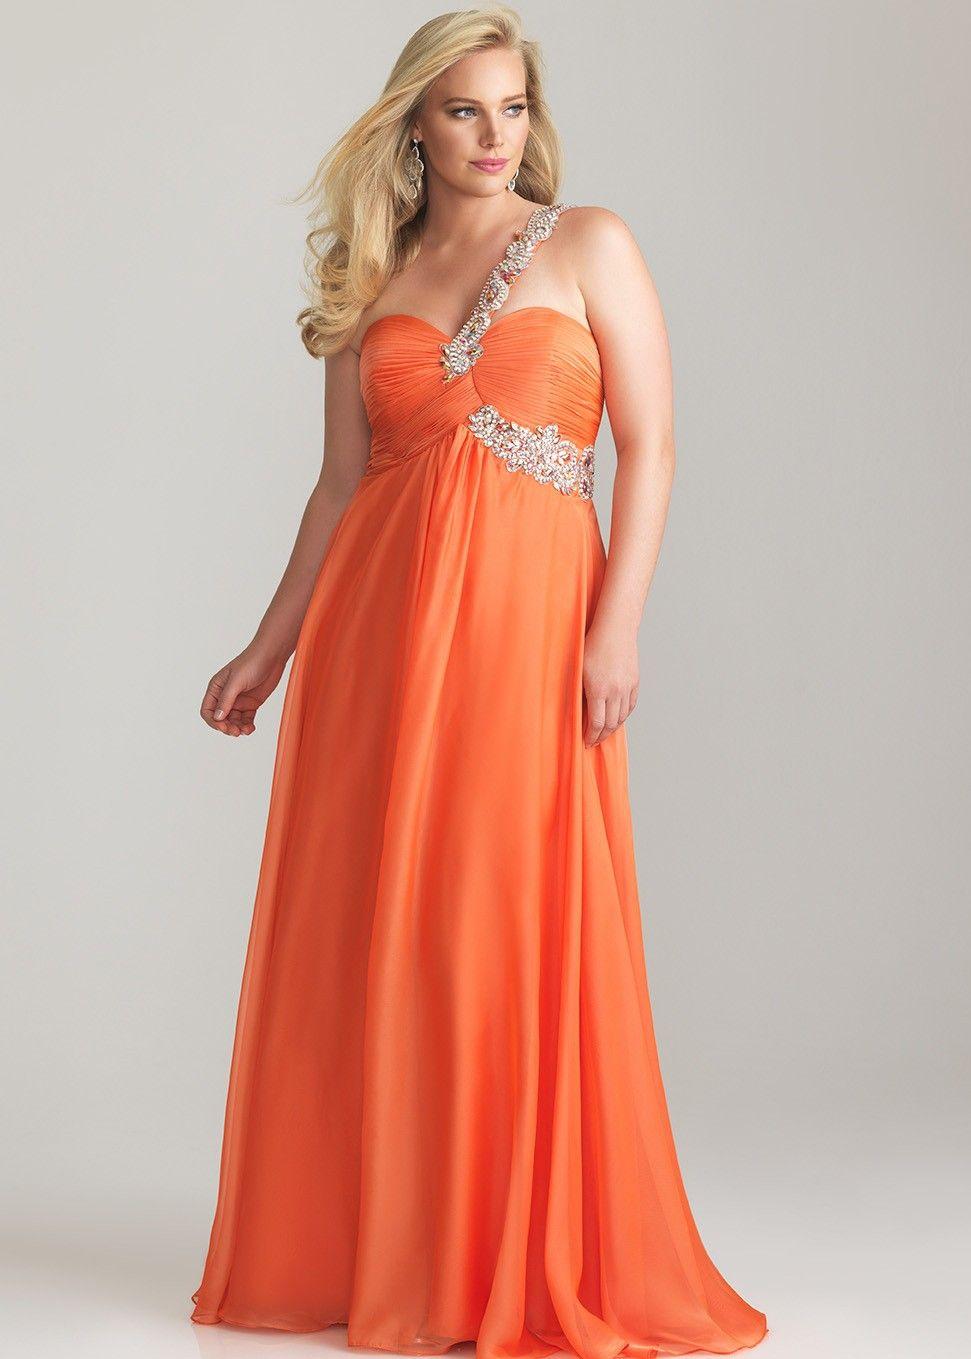 Front view of orange evening dresses plus size plus